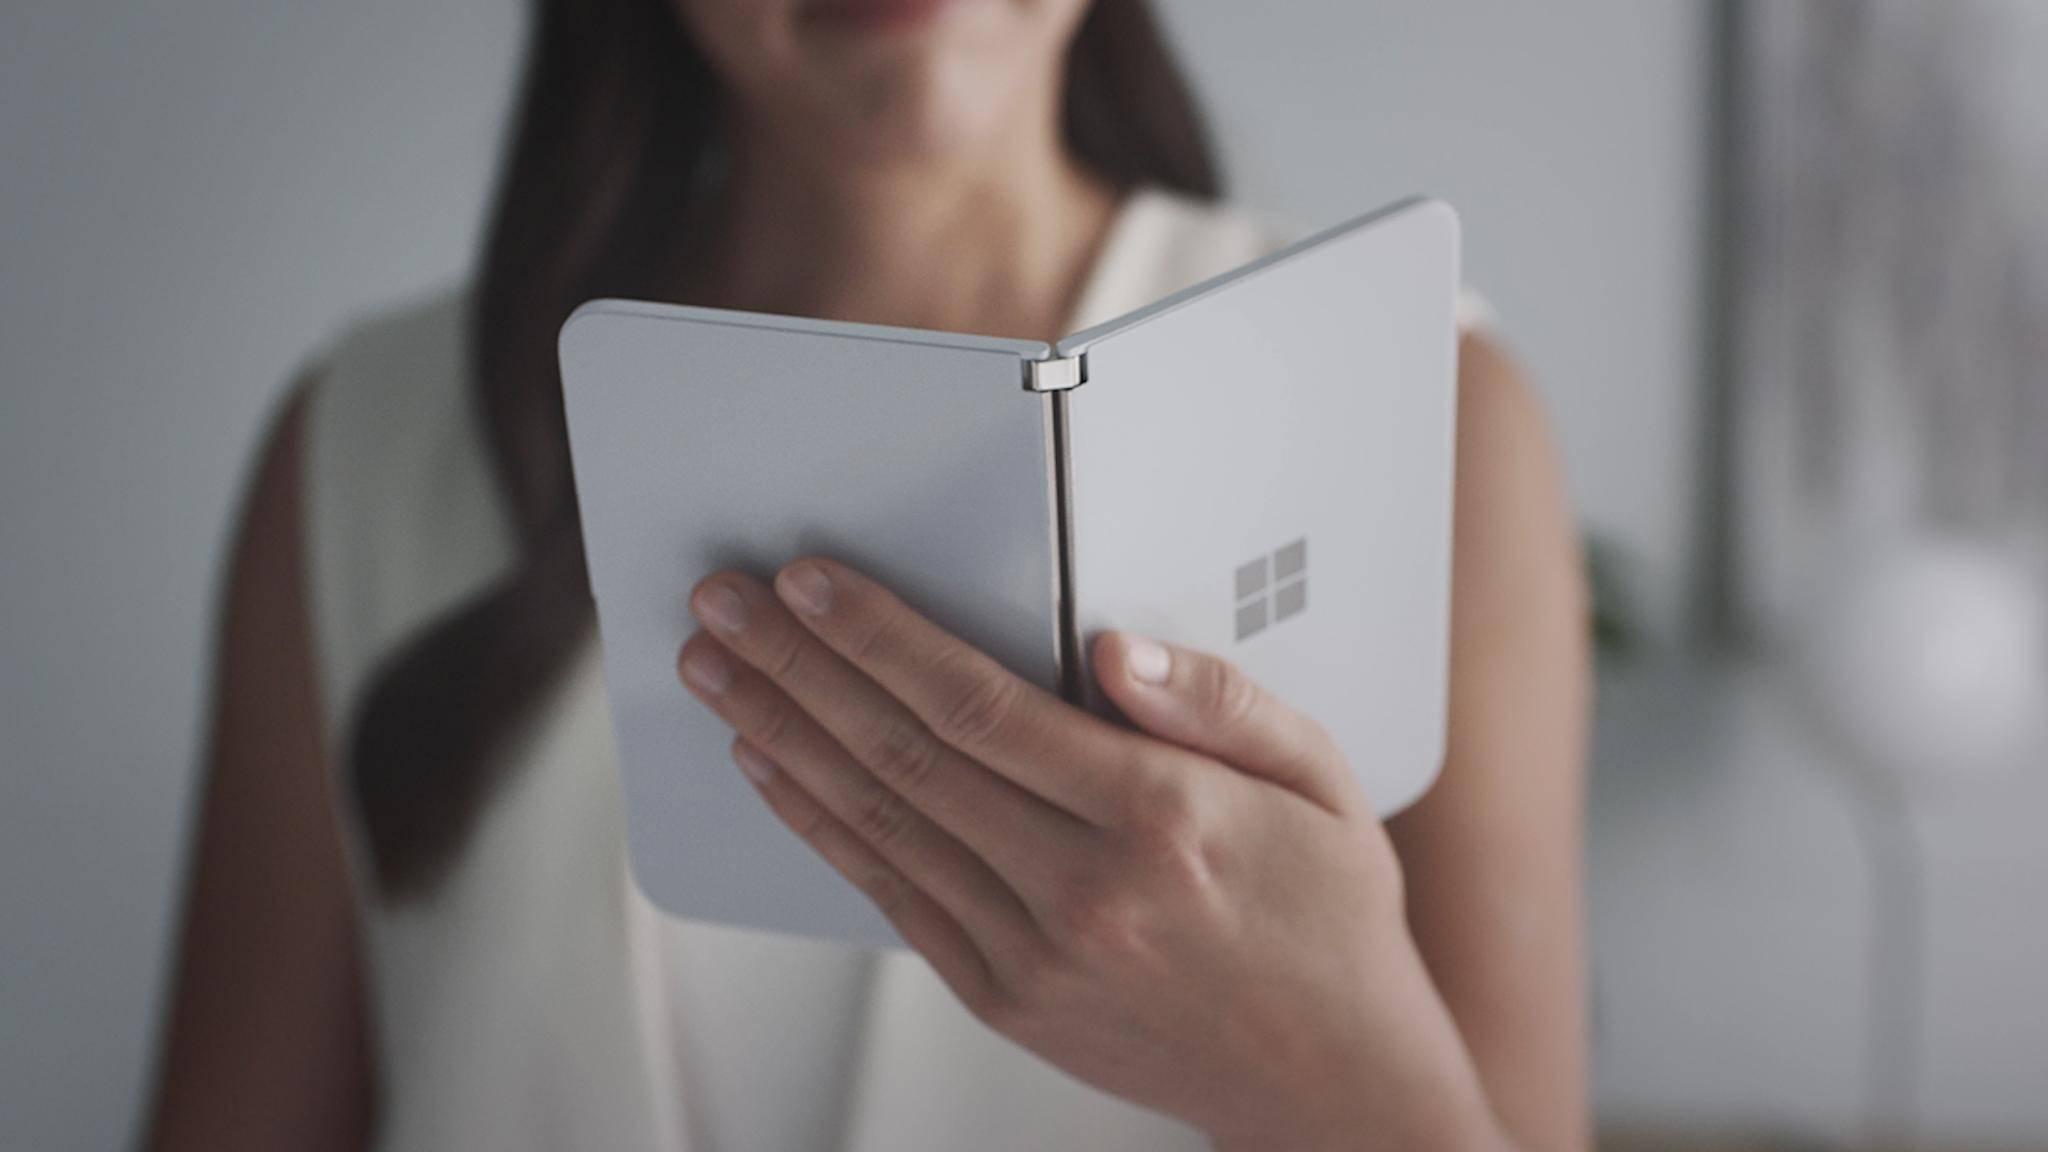 Das Surface Duo ist vielleicht die überraschendste Produktvorstellung des Jahres.